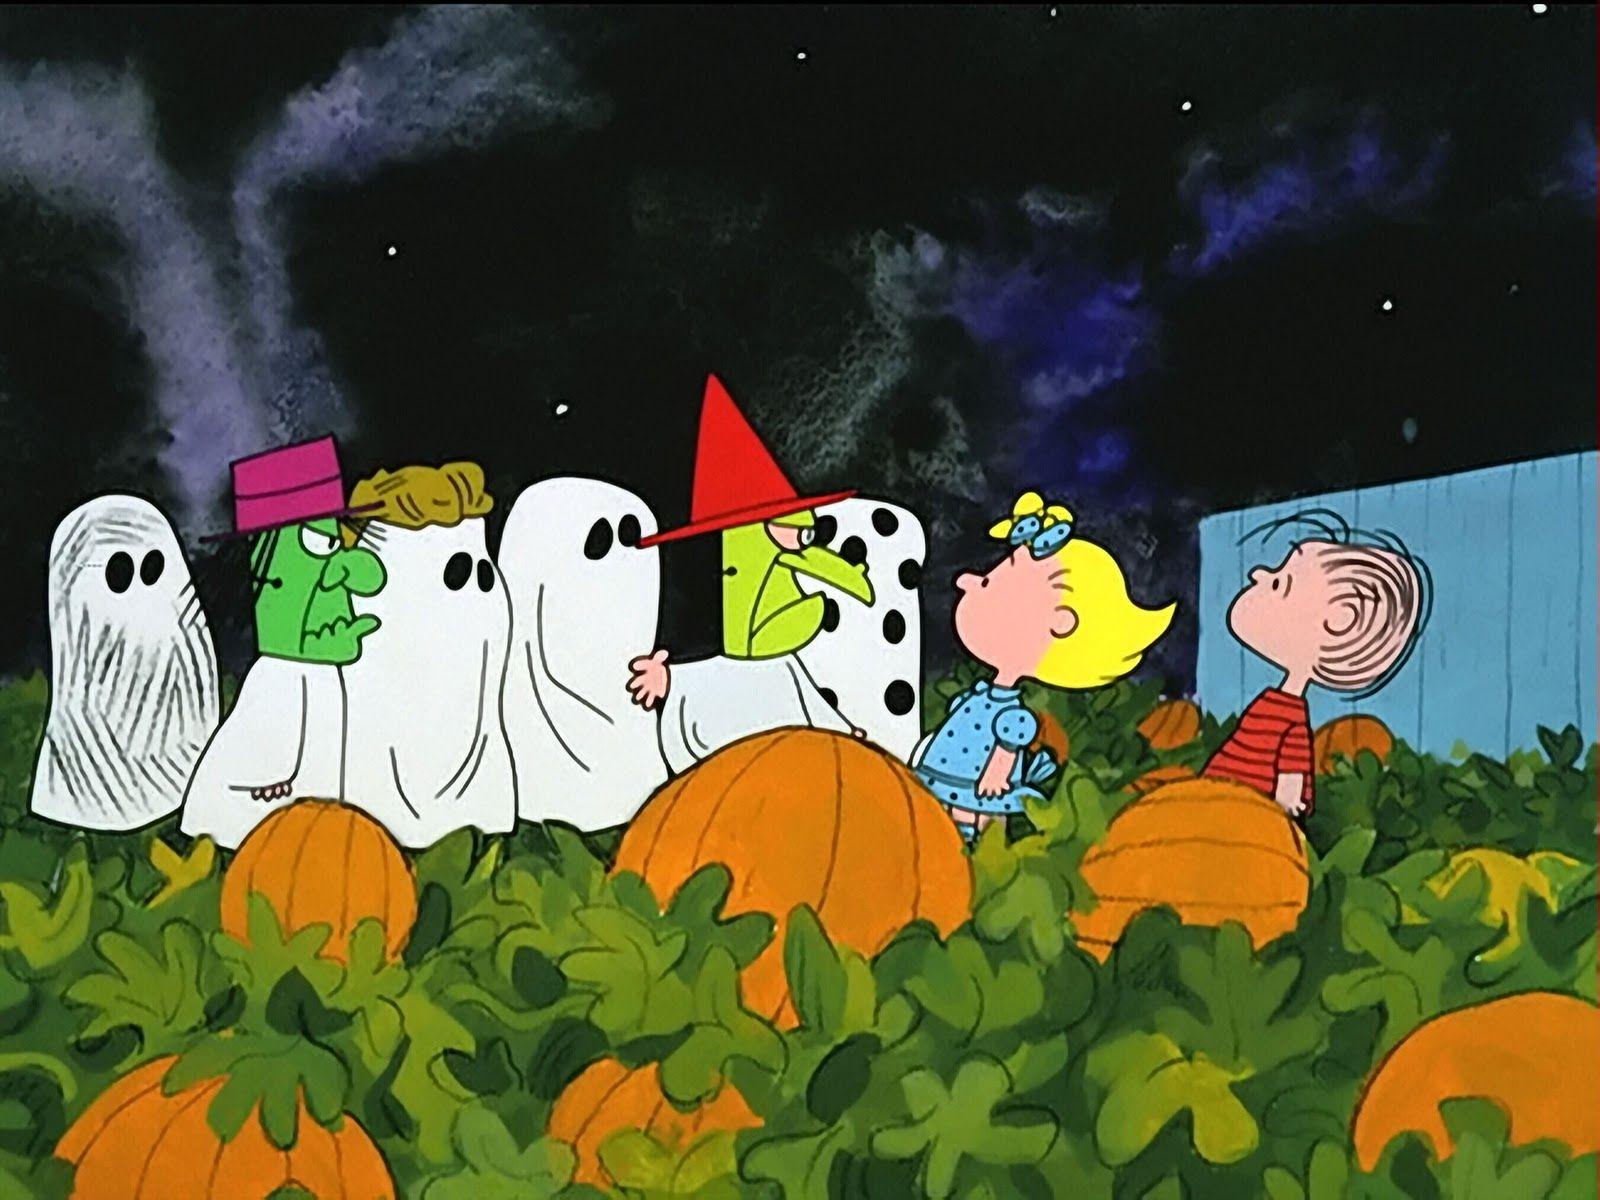 It's The Great Pumpkin Charlie Brown Quotes Snoopy Halloween Wallpaper  Snoopy Halloween Desktop Wallpaper .